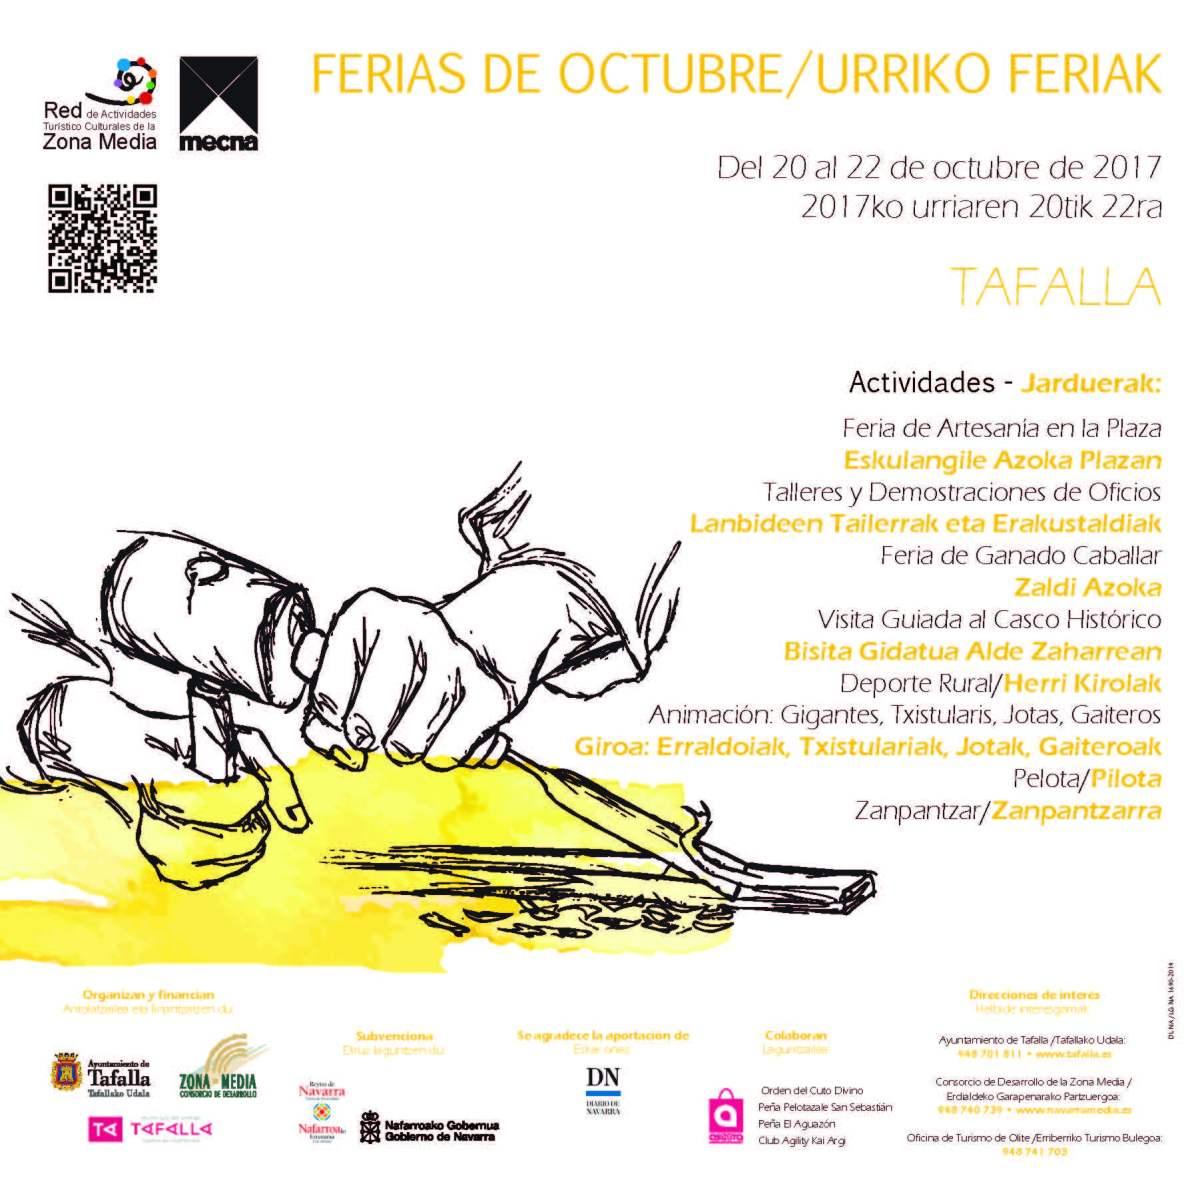 Ferias de Octubre de Tafalla/Tafallako Urriko Feriak